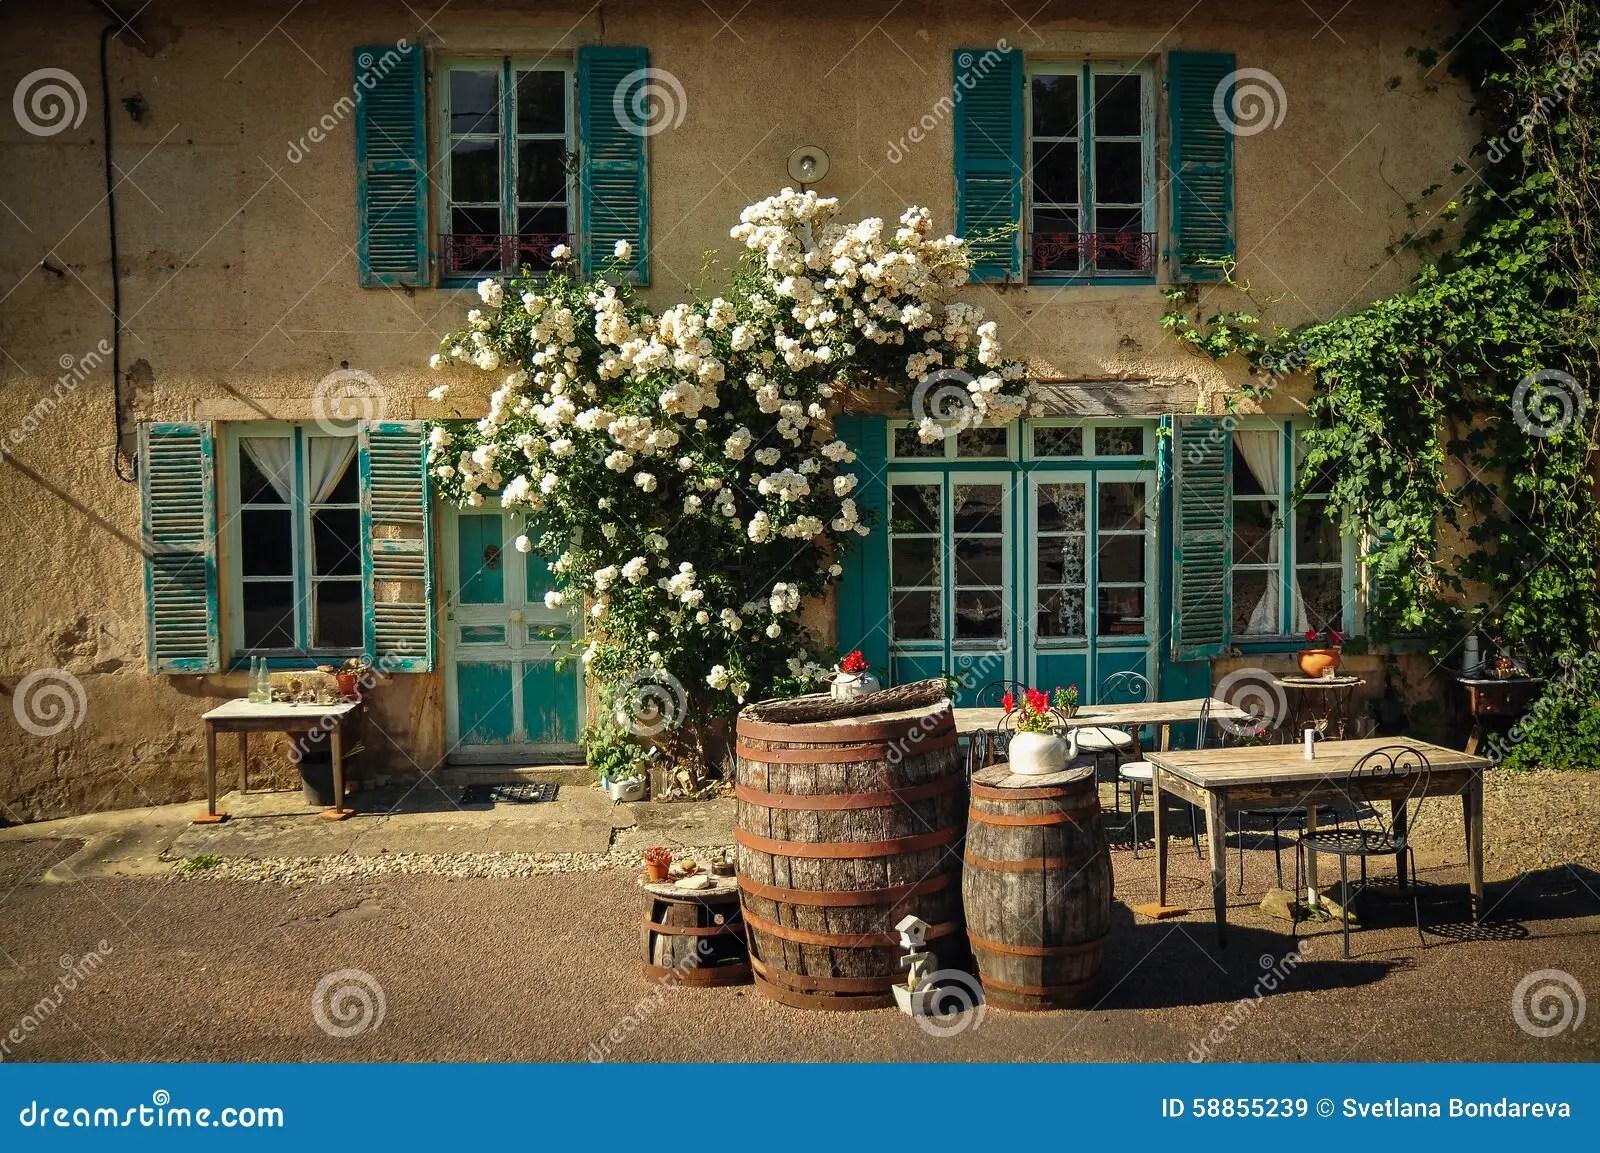 La Maison Francais French House Stock Image